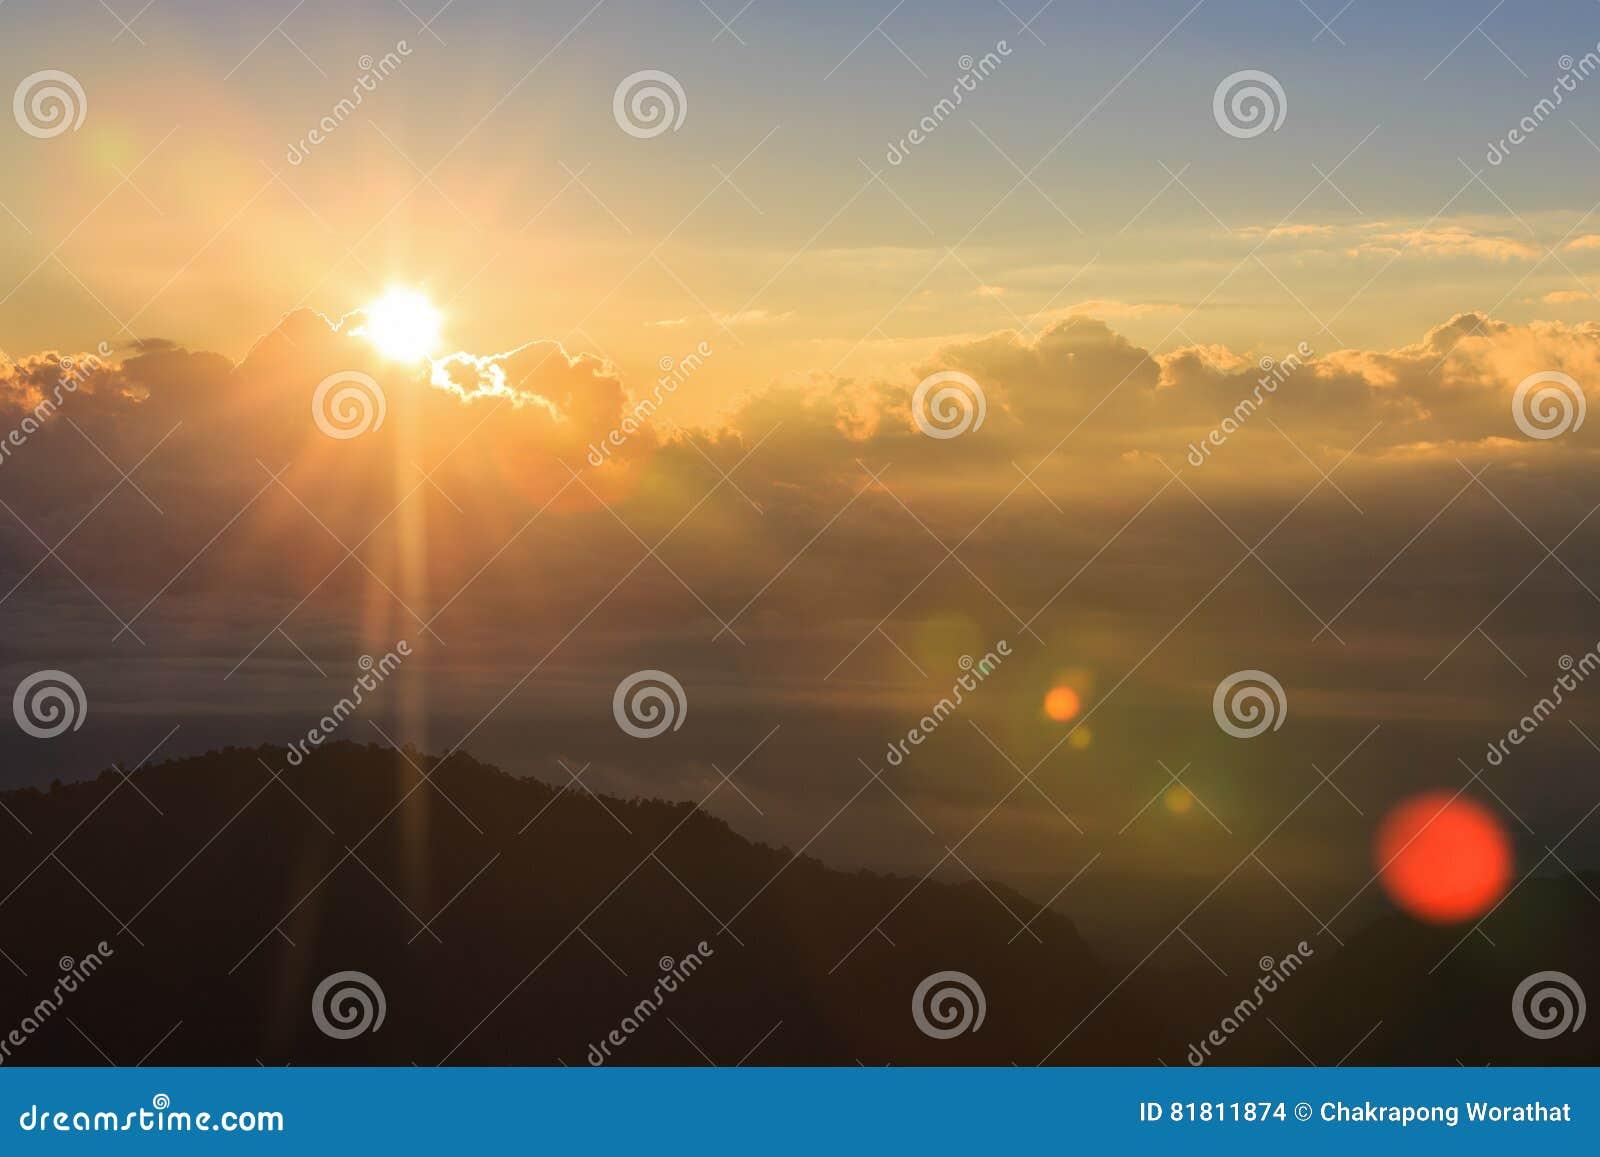 Красивый ландшафт лета с заходом солнца в горе